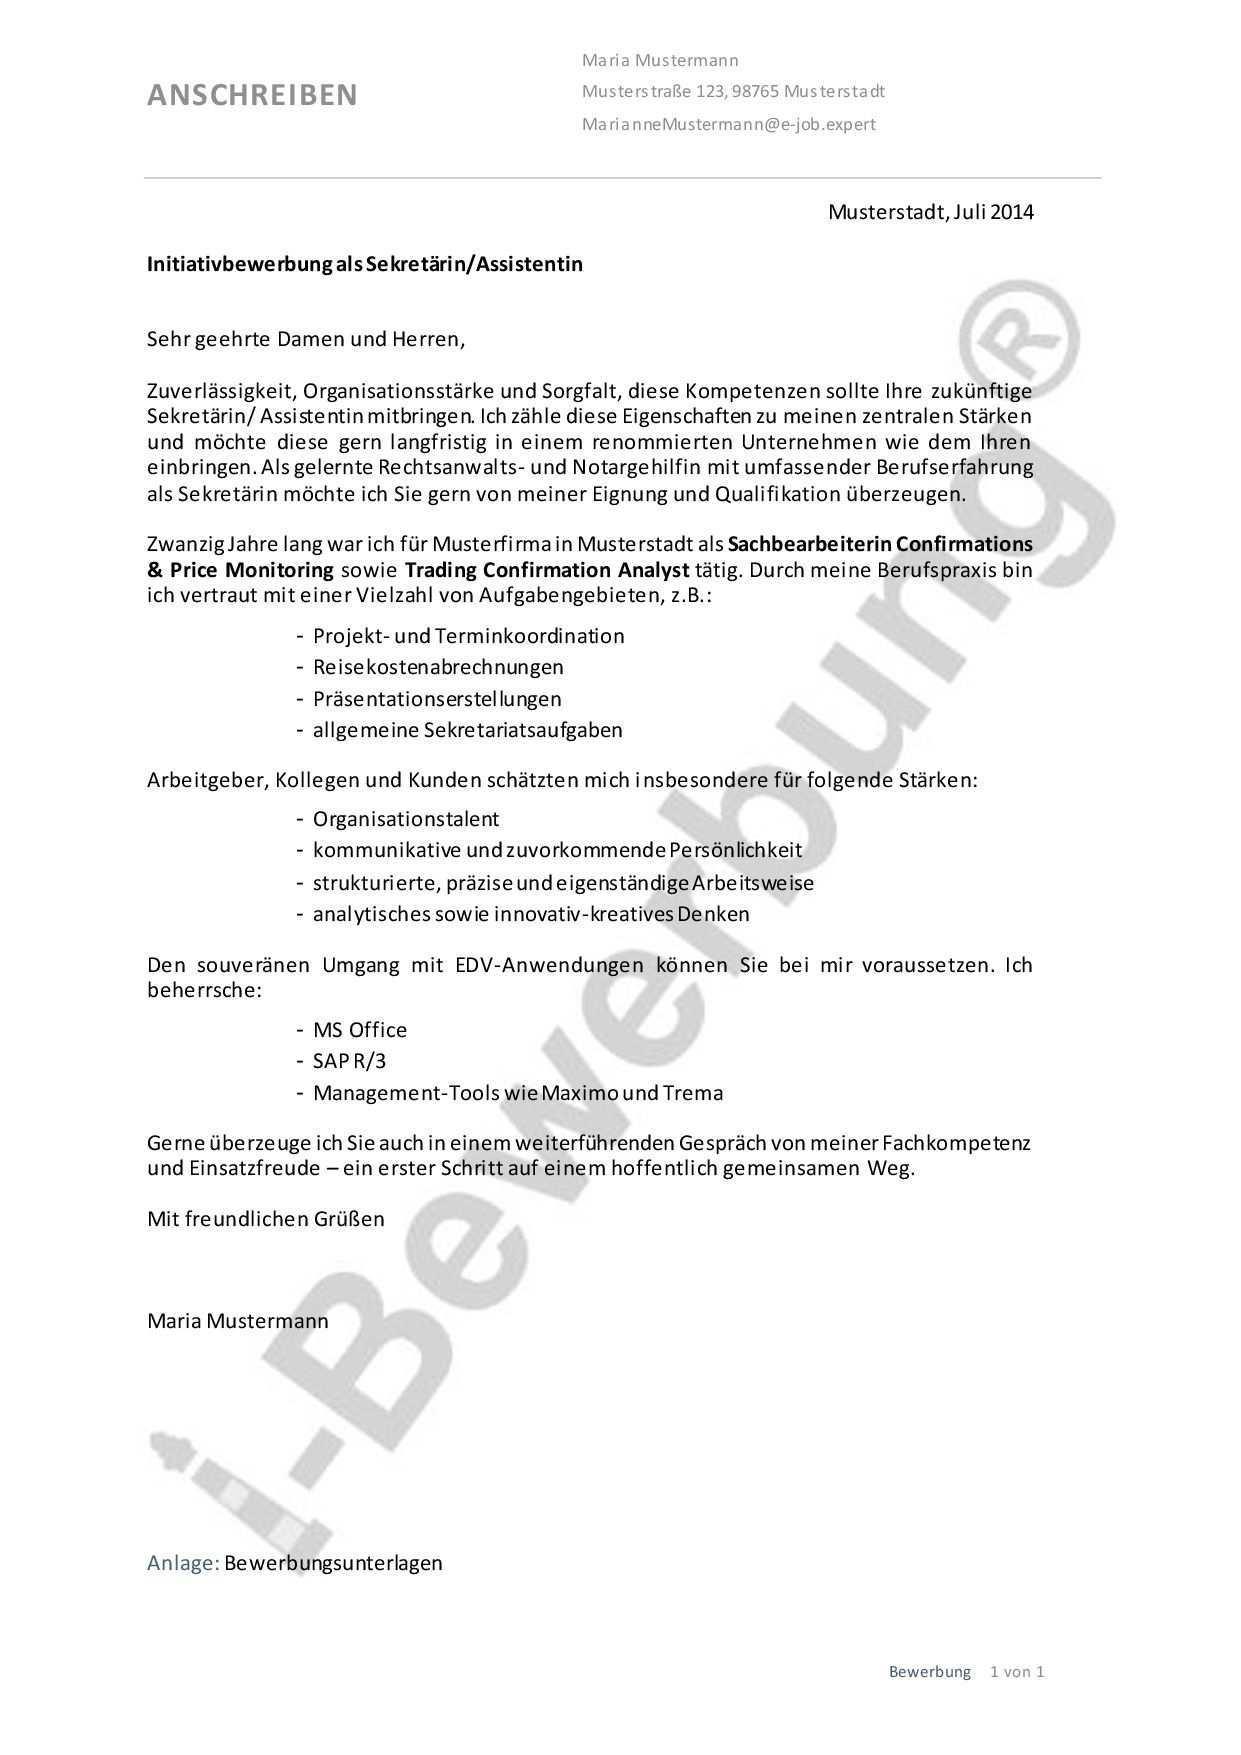 Initiativbewerbung Als Sekretarin Assistentin Vorlage Anschreiben Anschreiben Kurzbewerbung Bewerbung